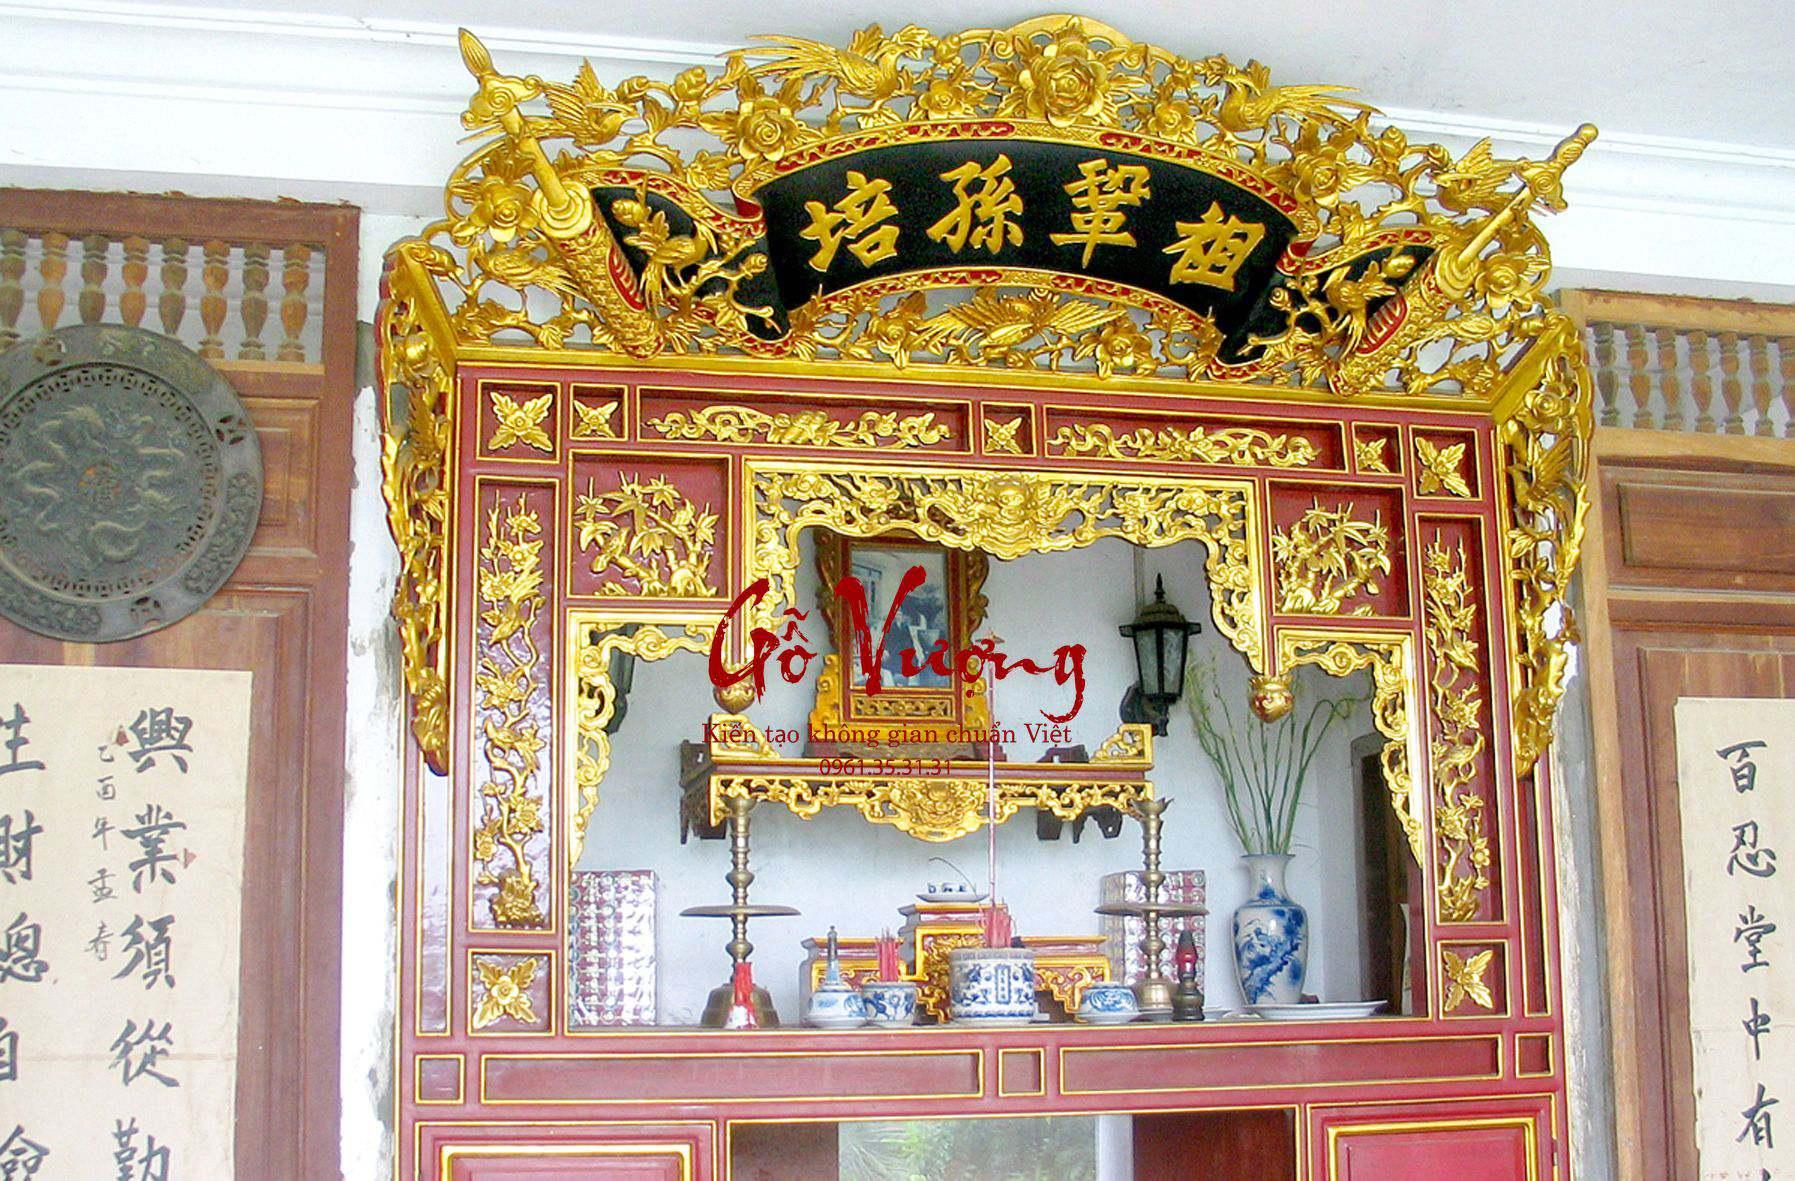 Phan Loai Thieu Chau